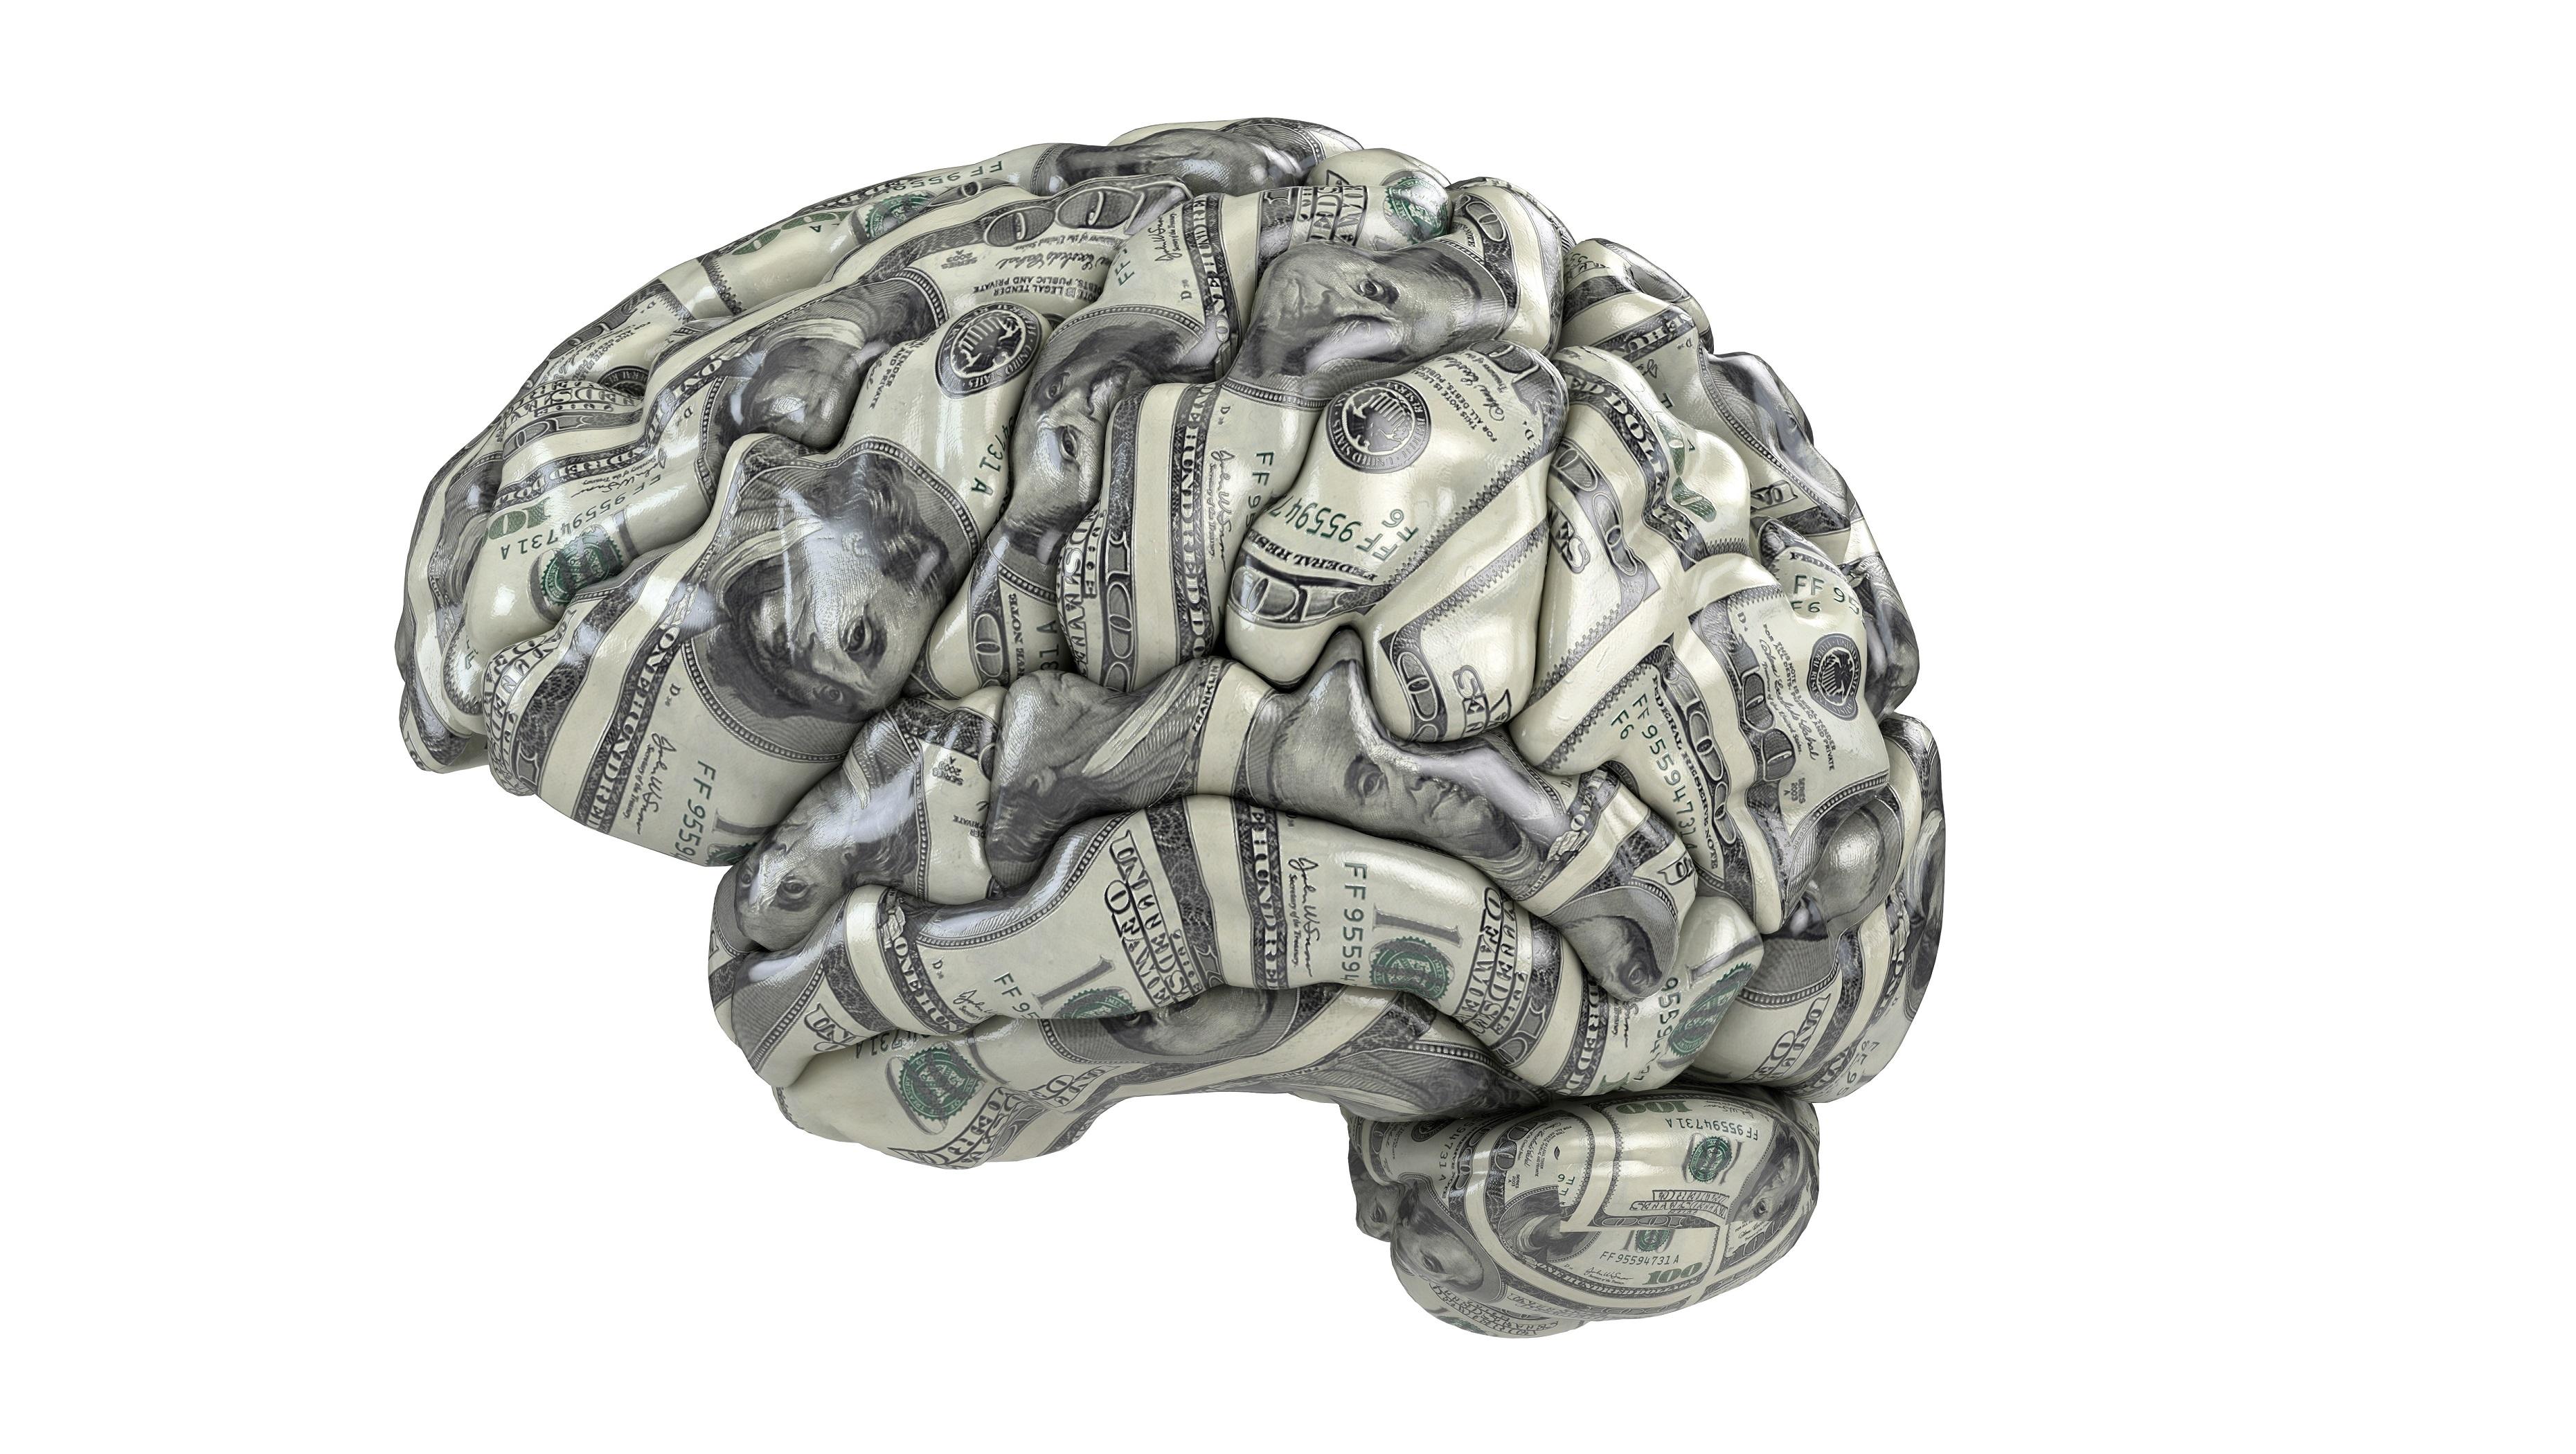 تغییر و تحول ذهنی با کنار گذاشتن تفکر پولکی